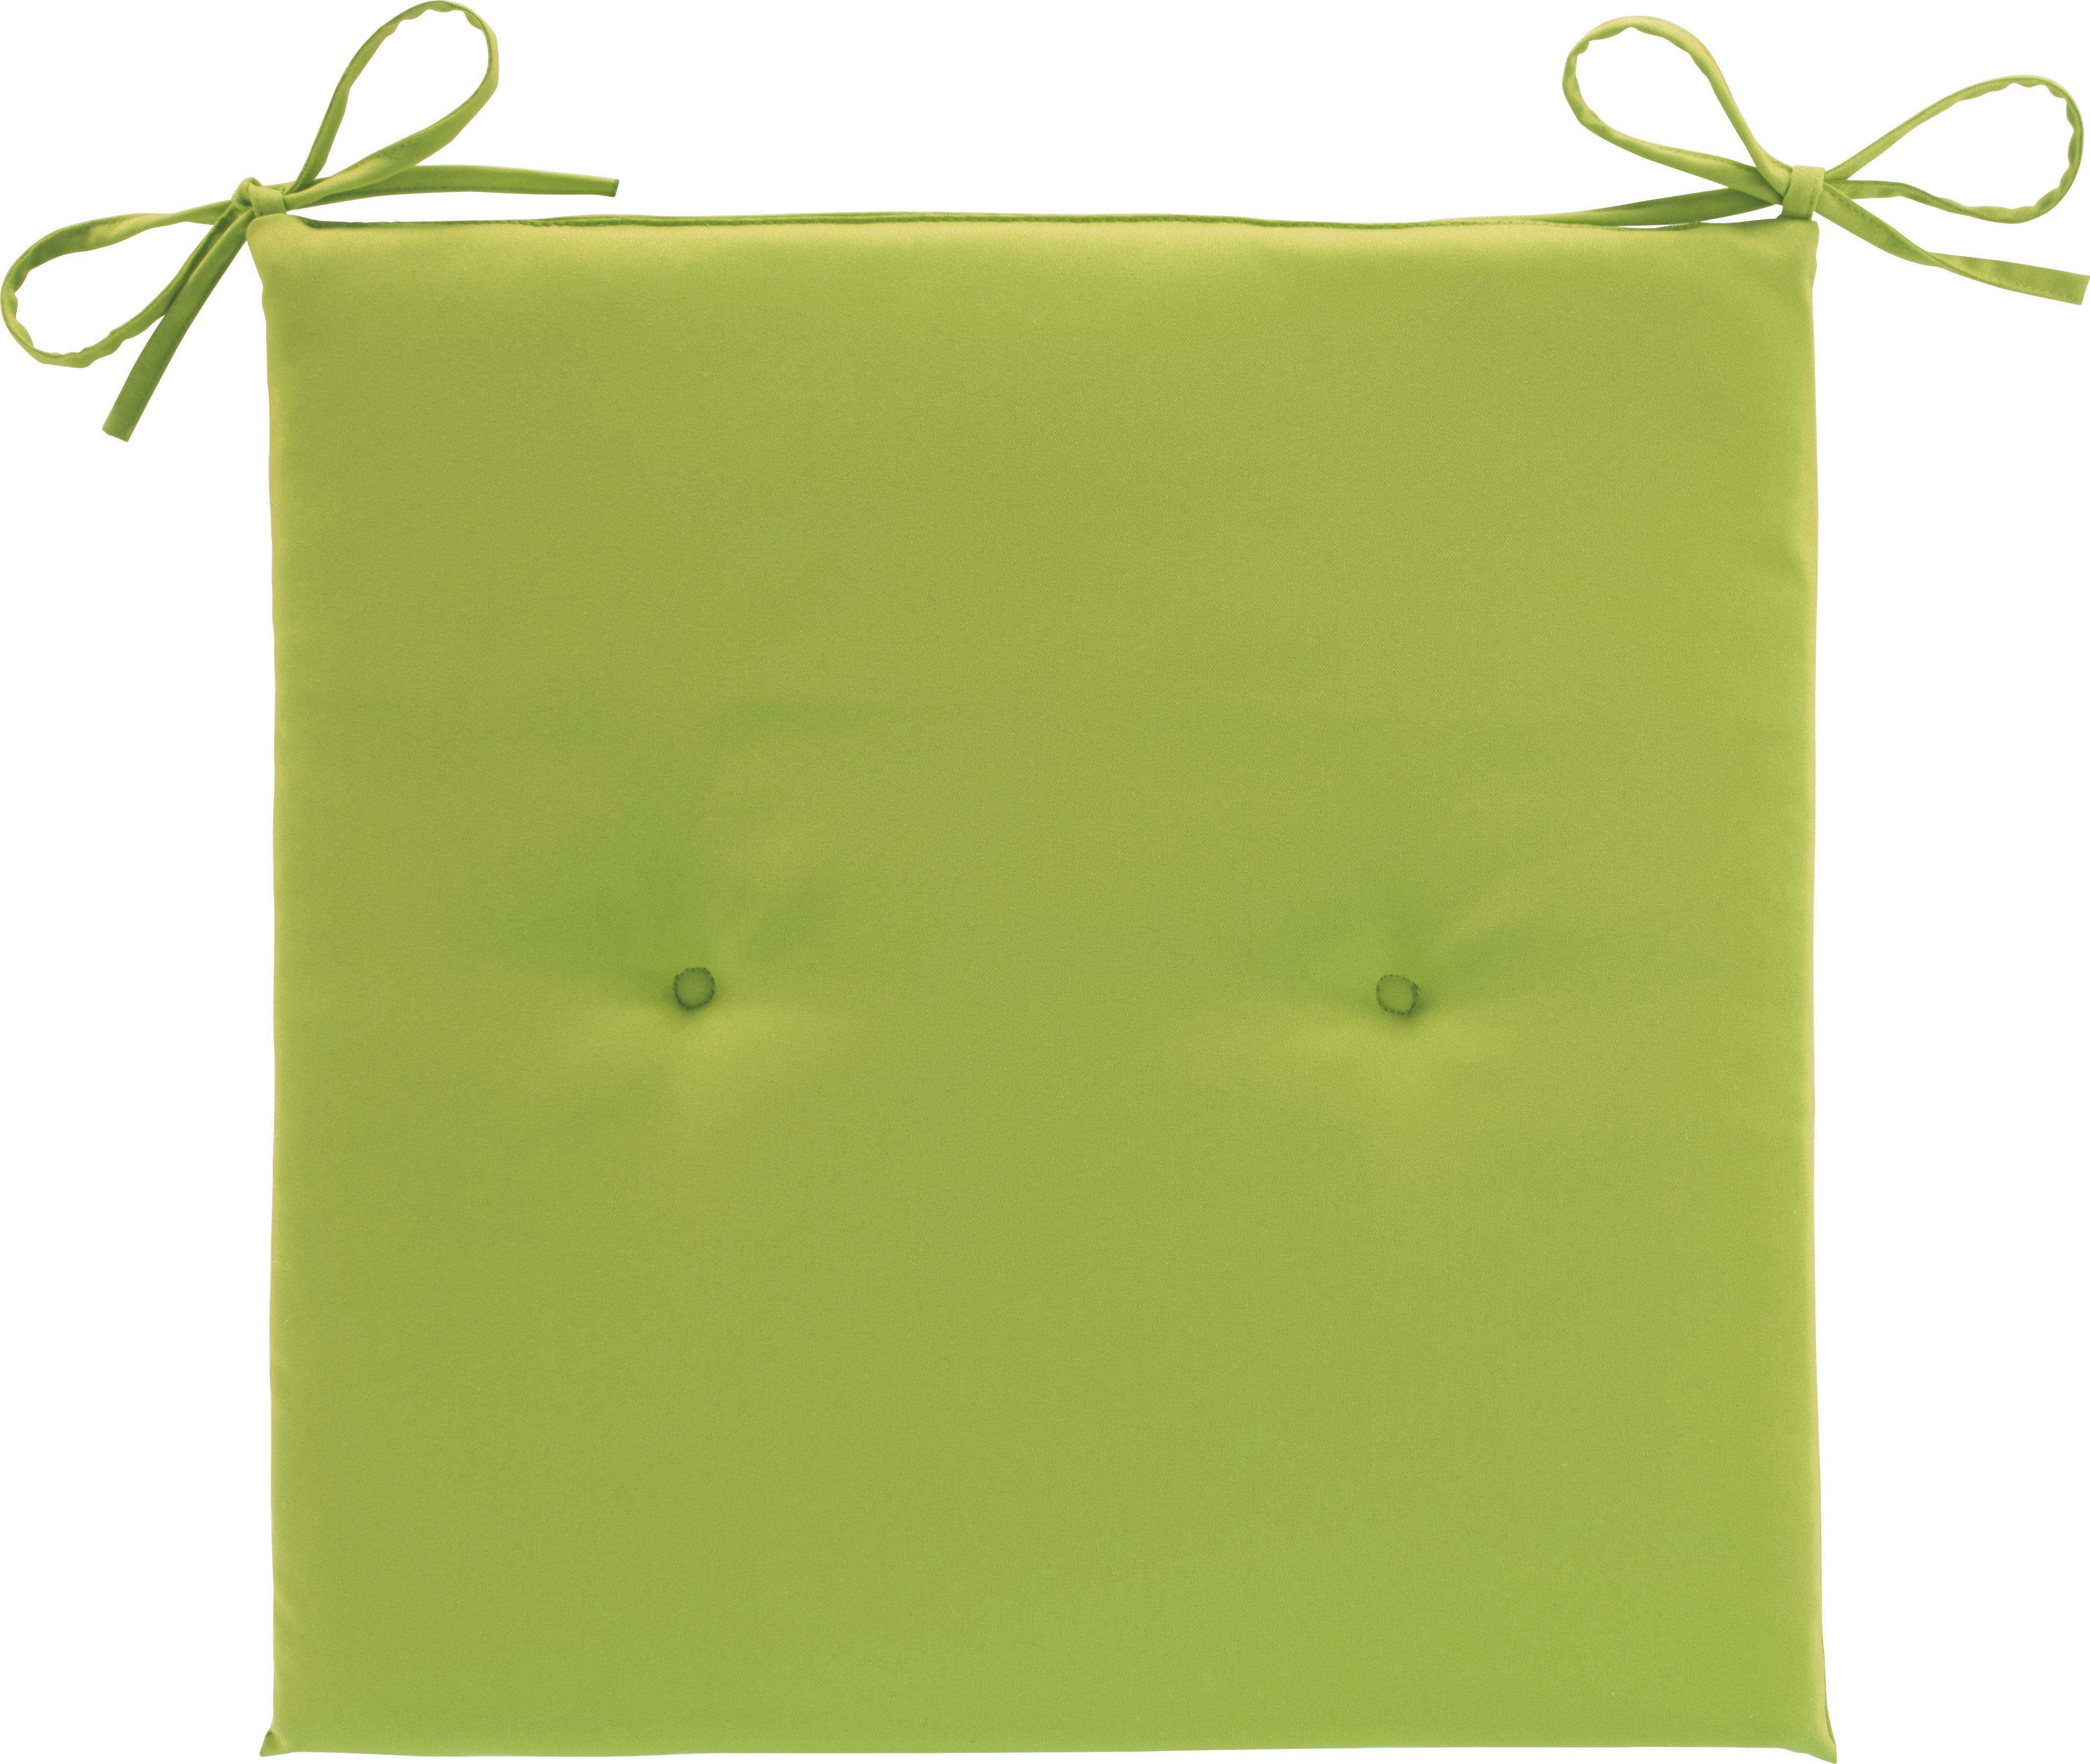 Polštář Na Židli Smokey - zelená, textil (40/2,5/40cm) - MÖMAX modern living